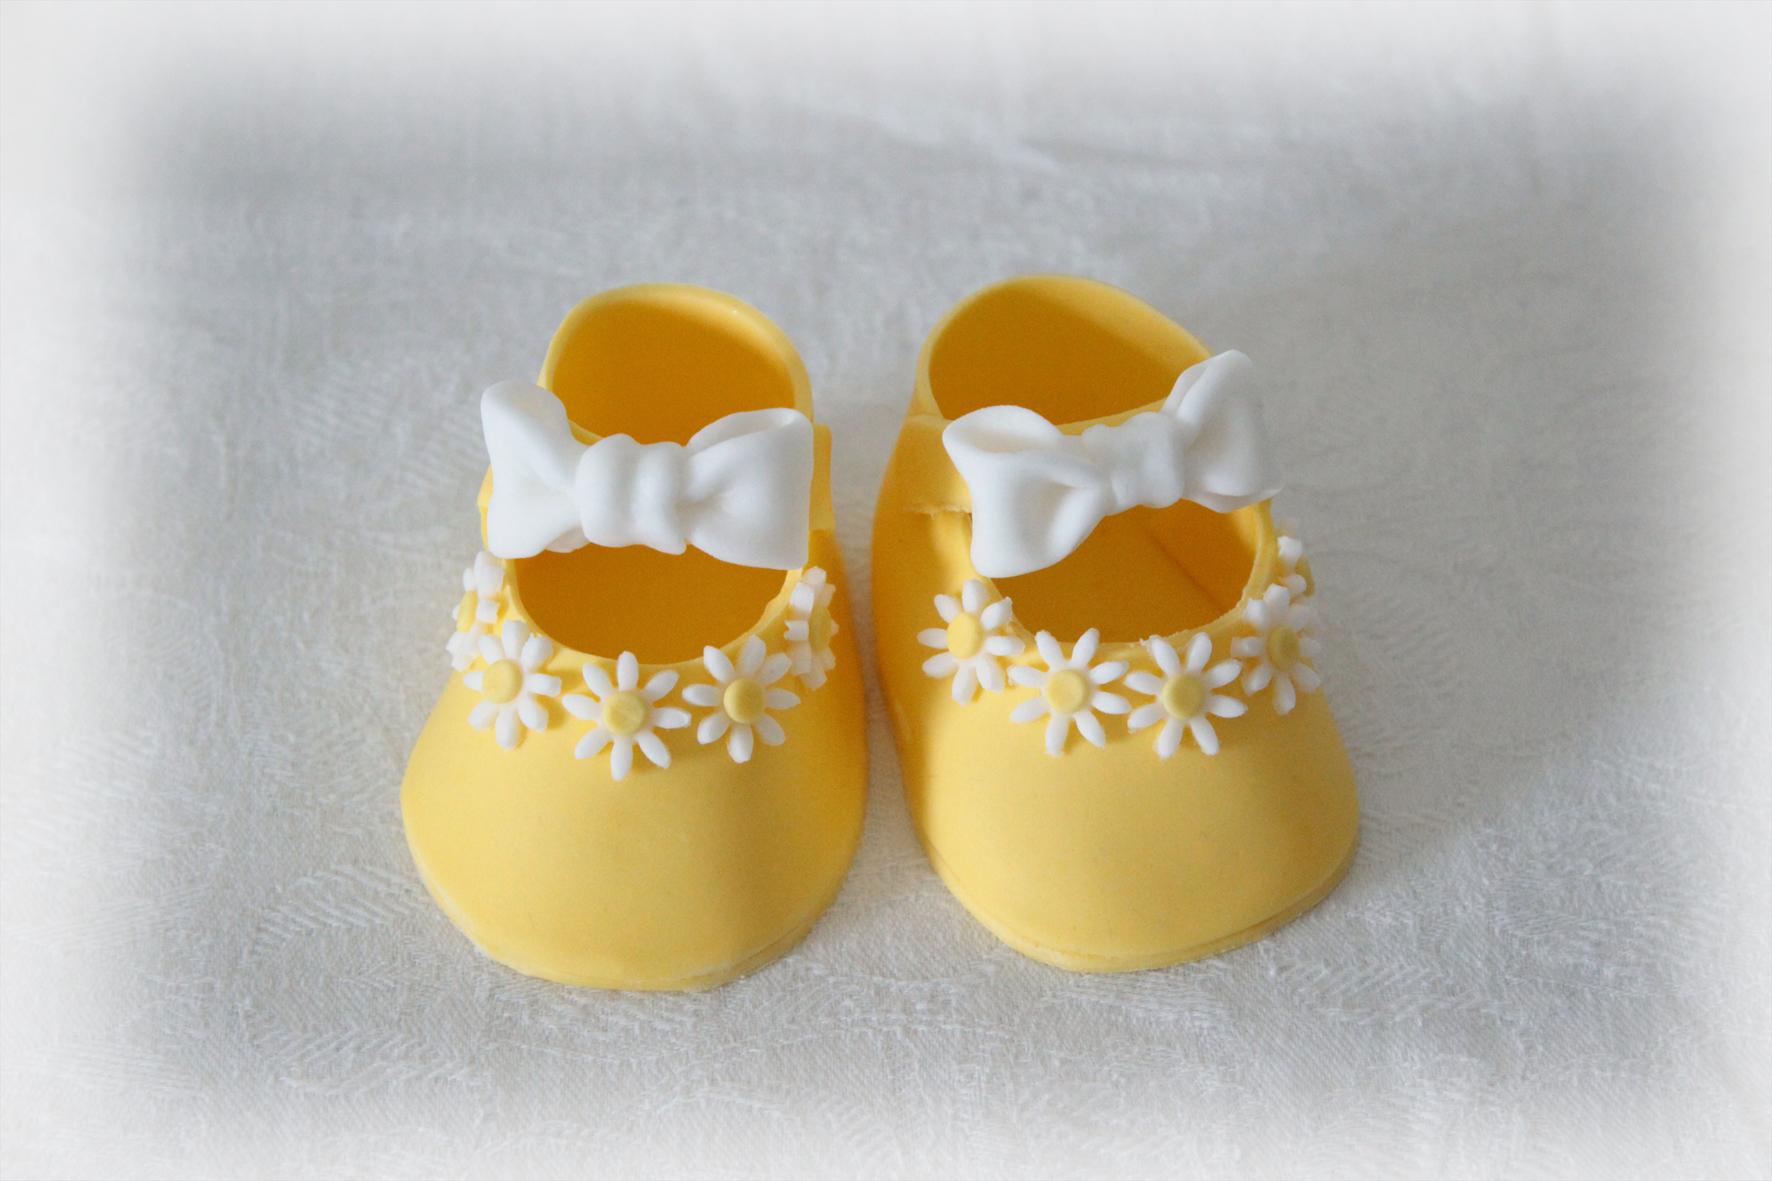 Scarpette shoes pdz